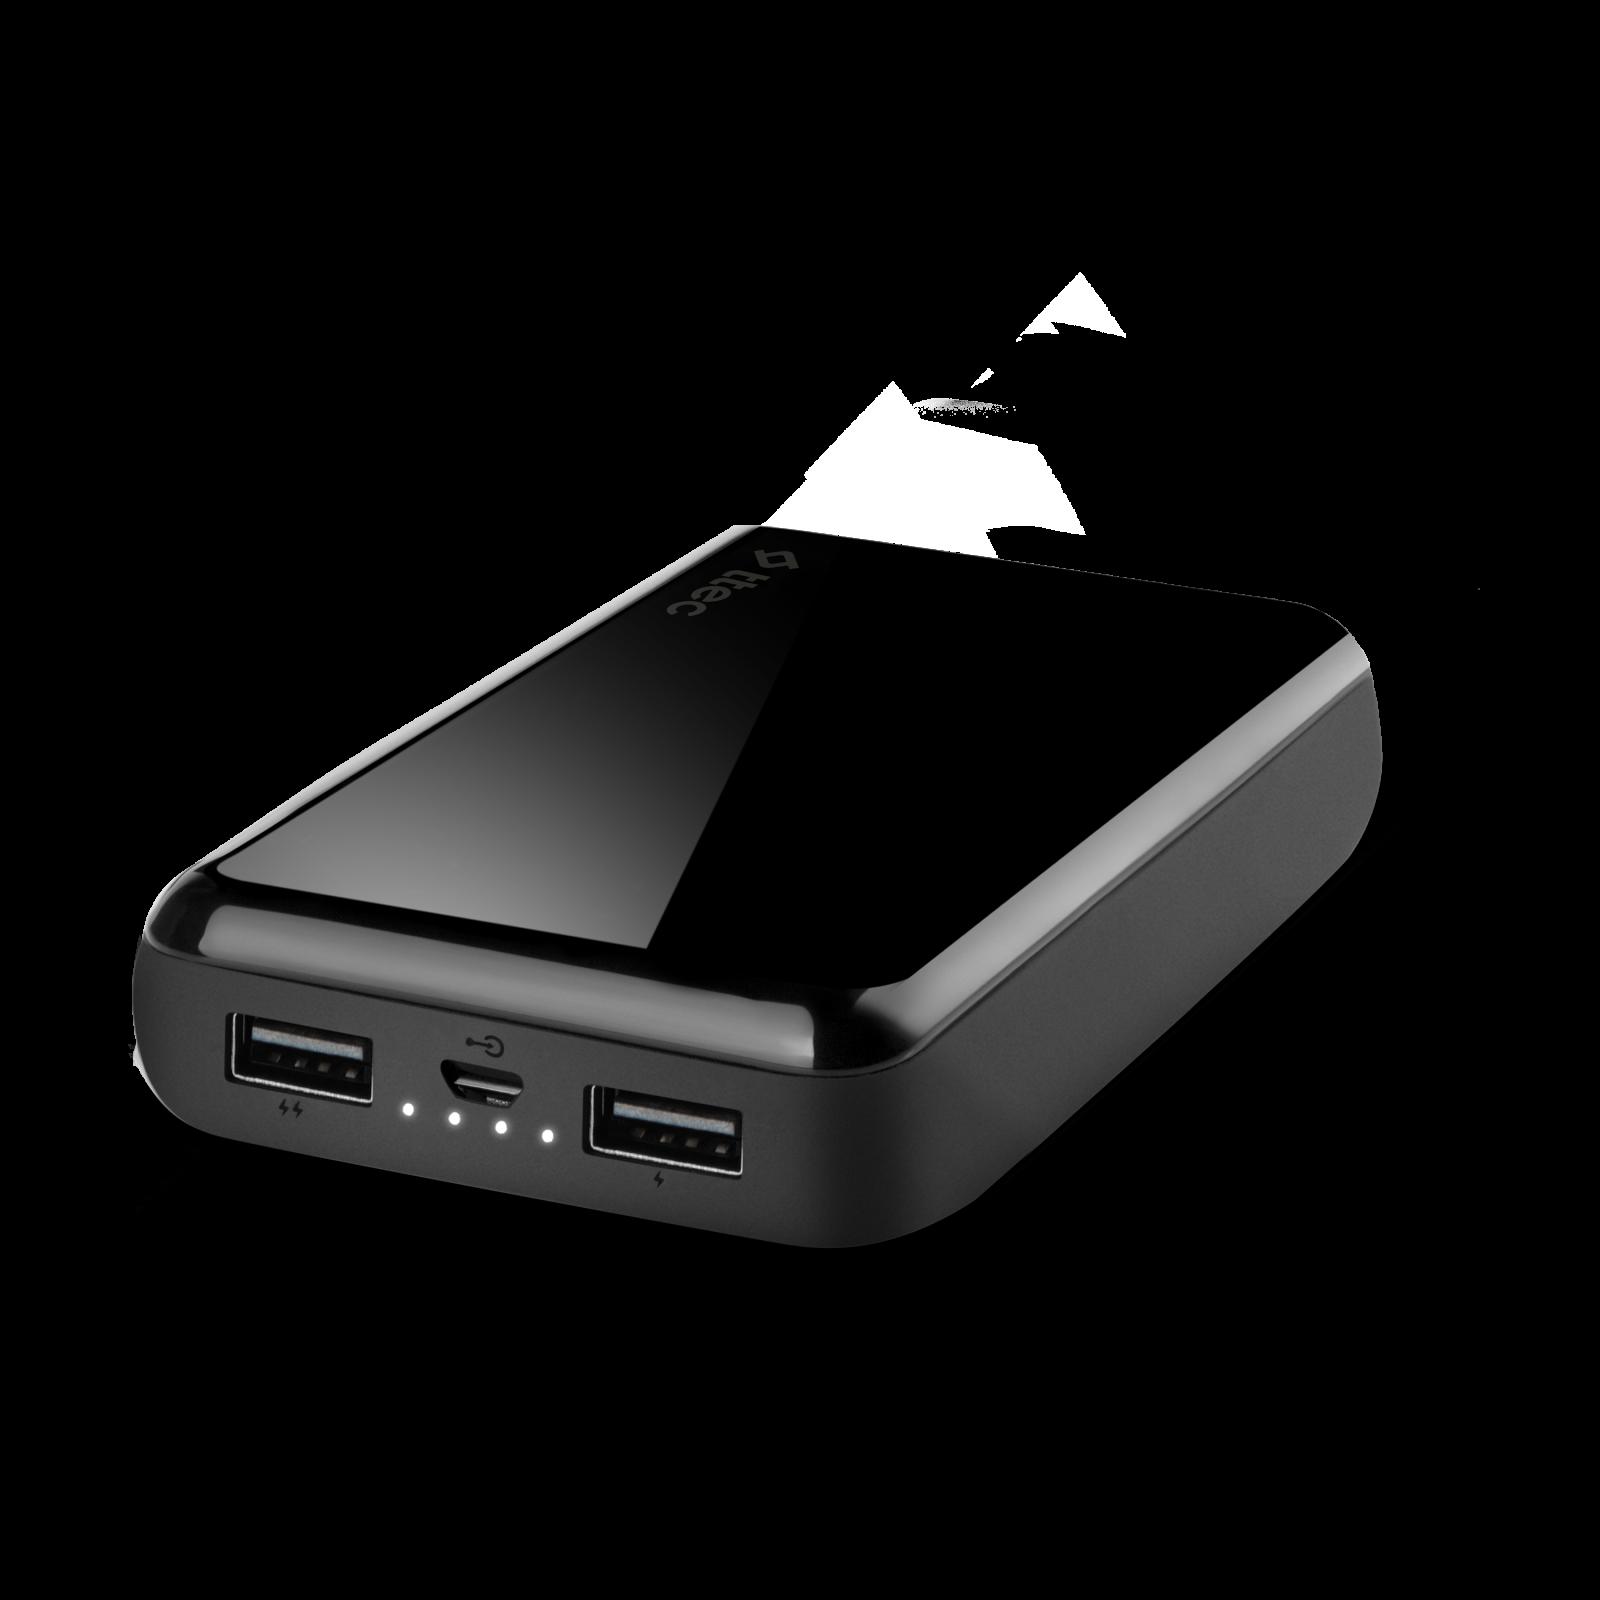 Външна батерия ReCharger 10.000mAh Universal Mobile Charger - Черна,116250